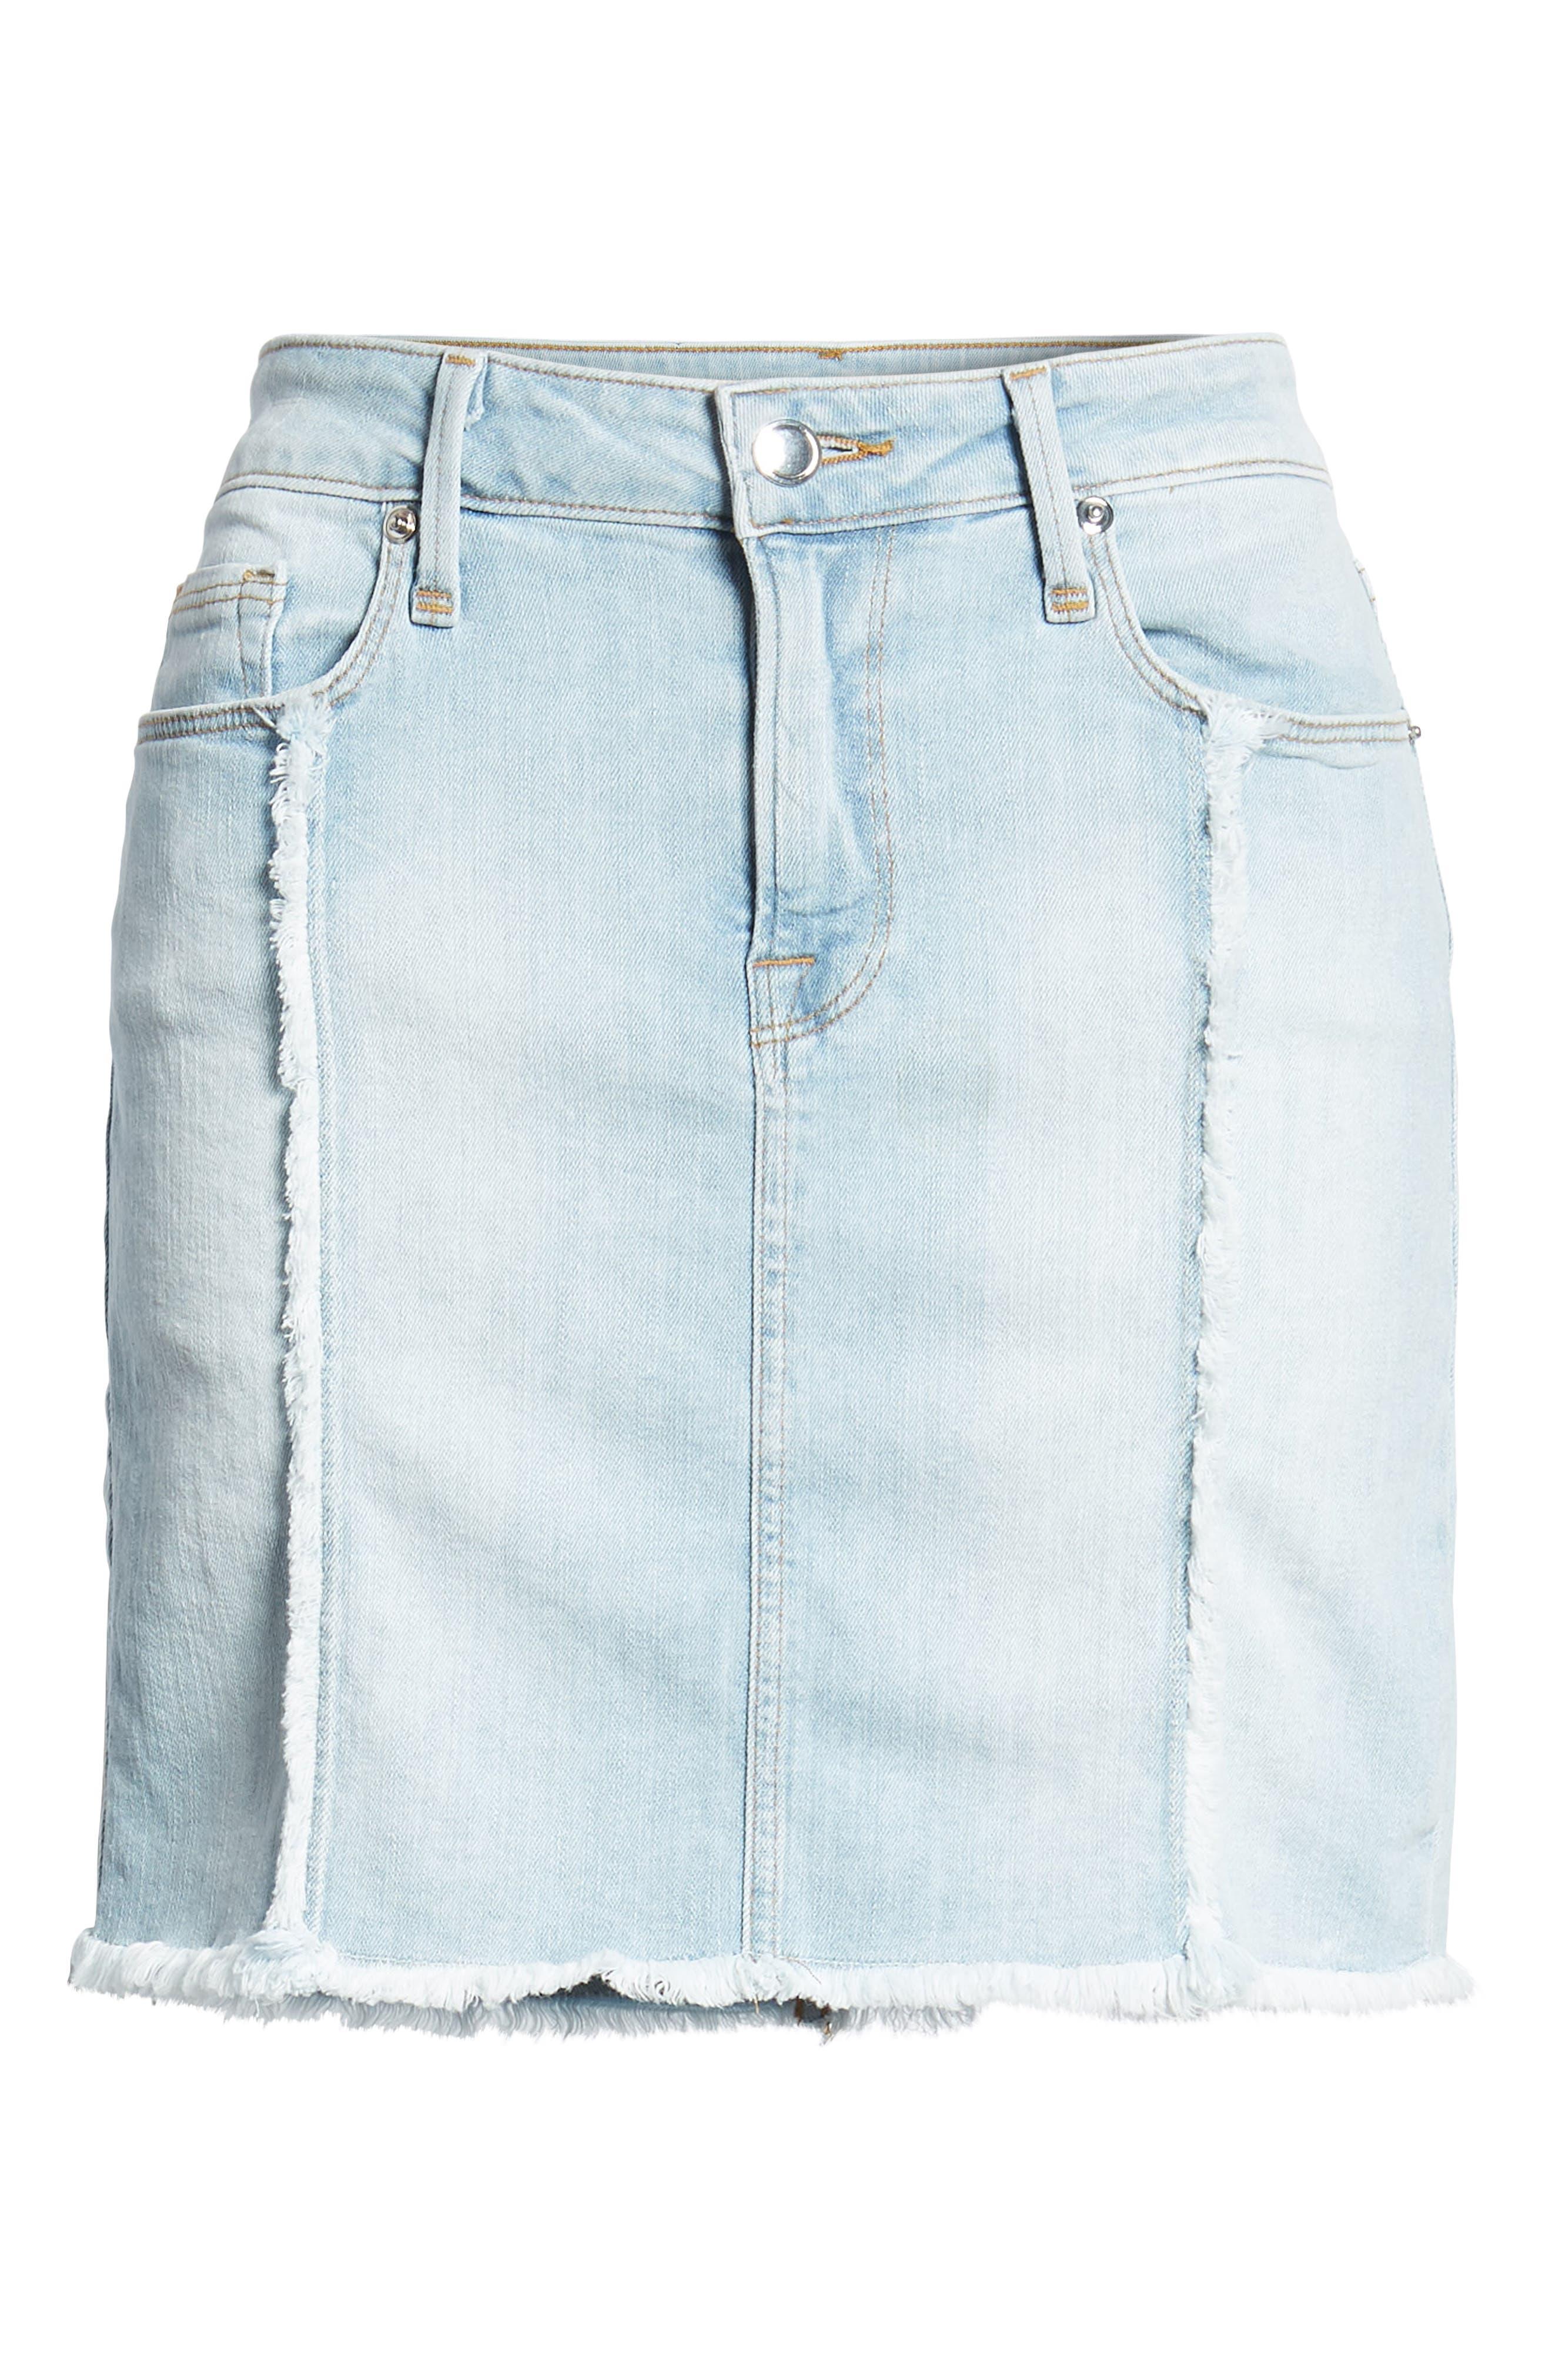 The Mini Distressed Seams Denim Miniskirt,                             Alternate thumbnail 7, color,                             401